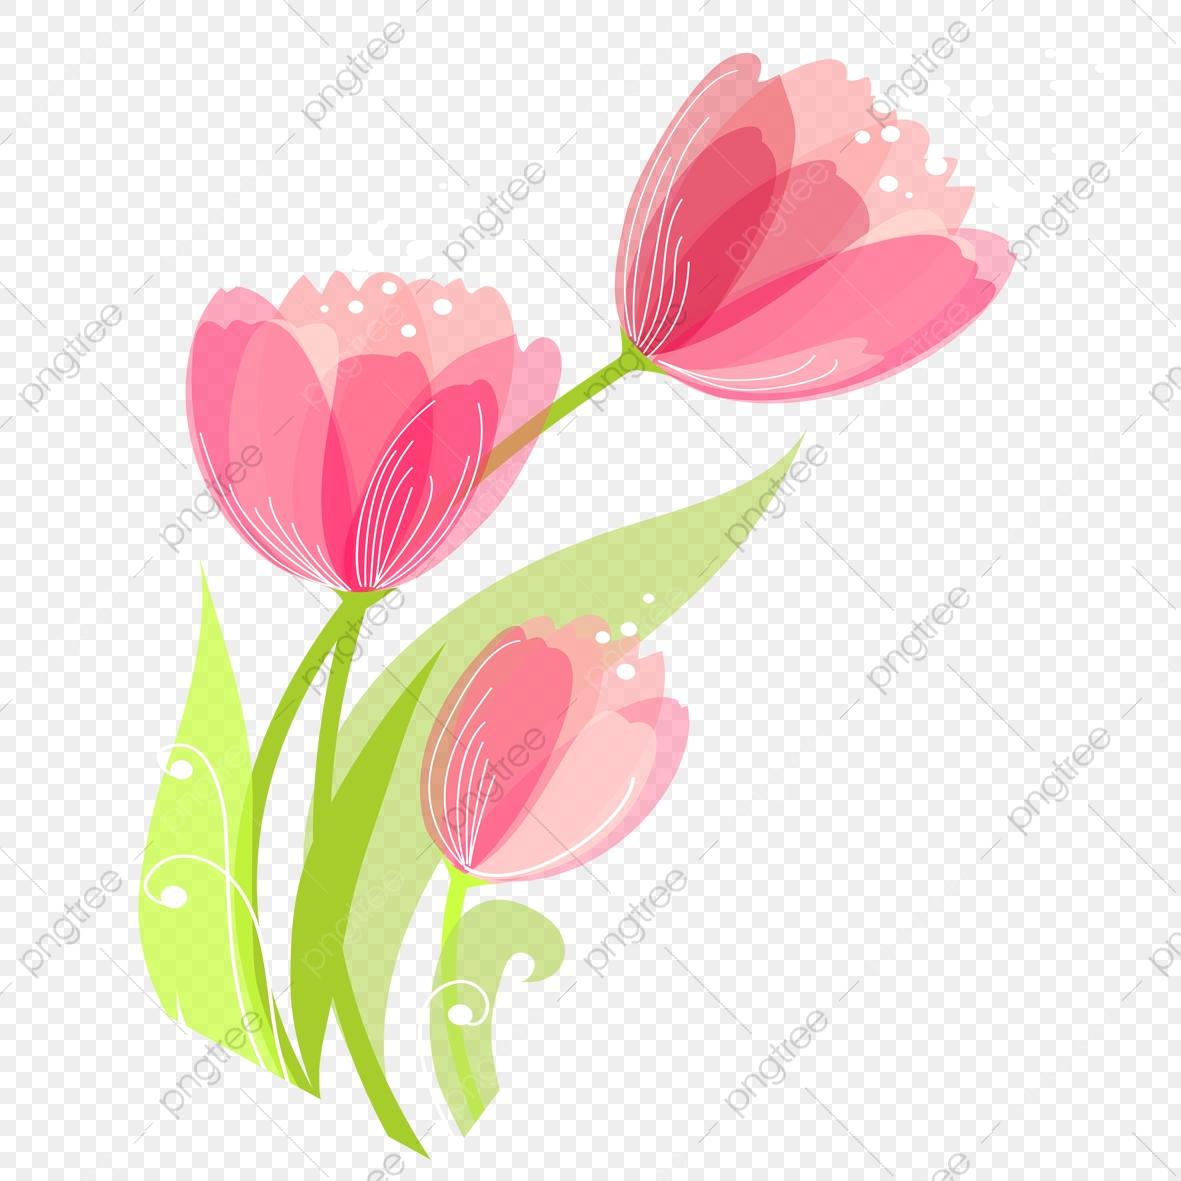 Art Tulip Flowers Free Pictures, Art Clipart, Tulip Clipart, Tulip.